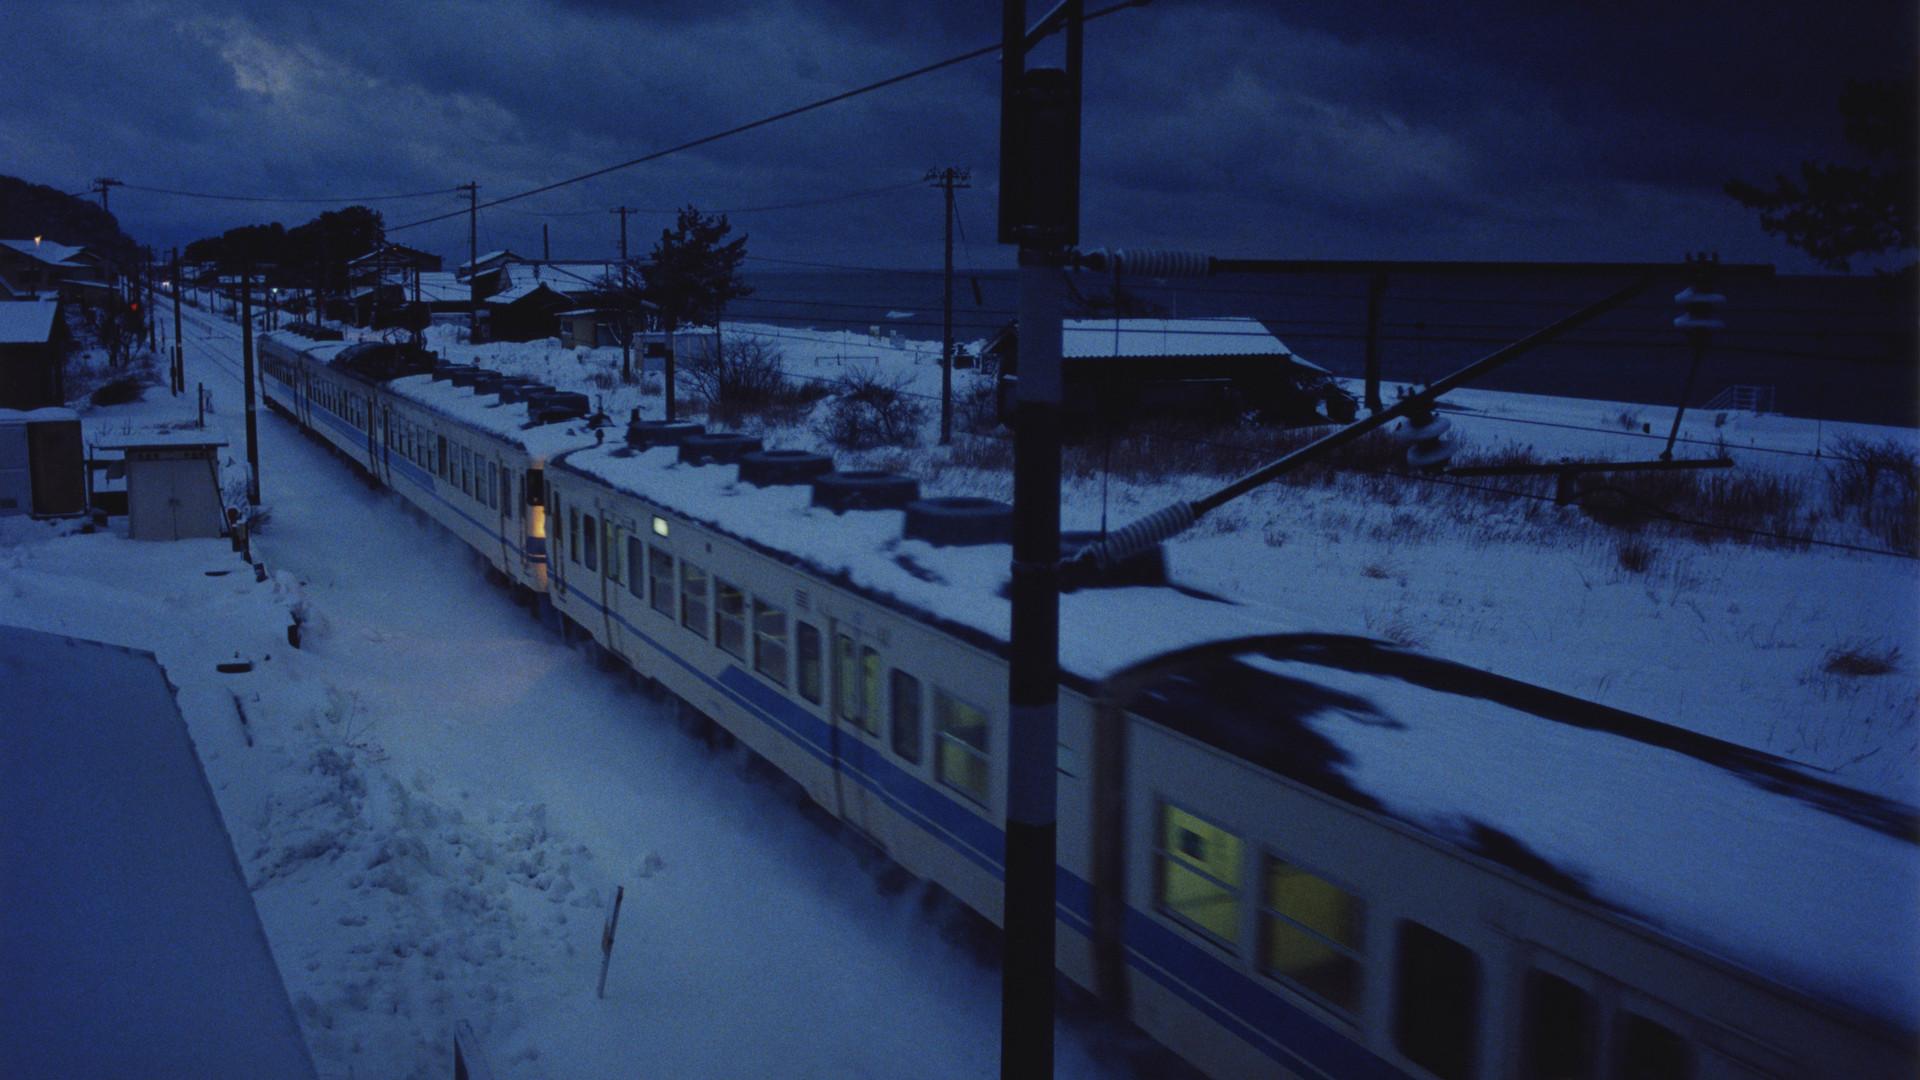 ©Koji Onaka